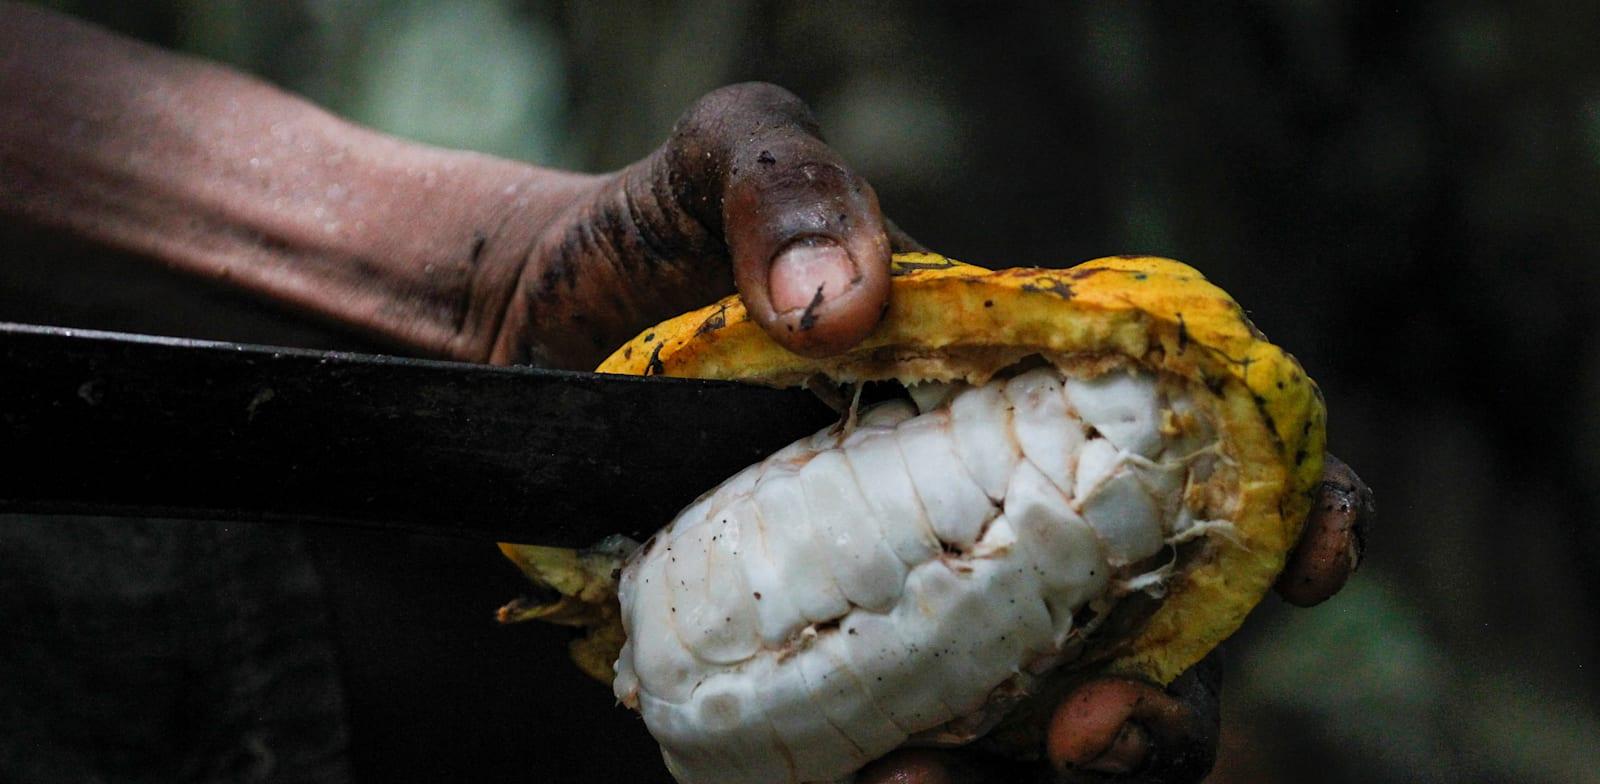 חקלאי חותך קקאו בחוף השנהב. במדינות רבות פועלי קטיף מוחזקים בתנאי עבדות / צילום: Reuters